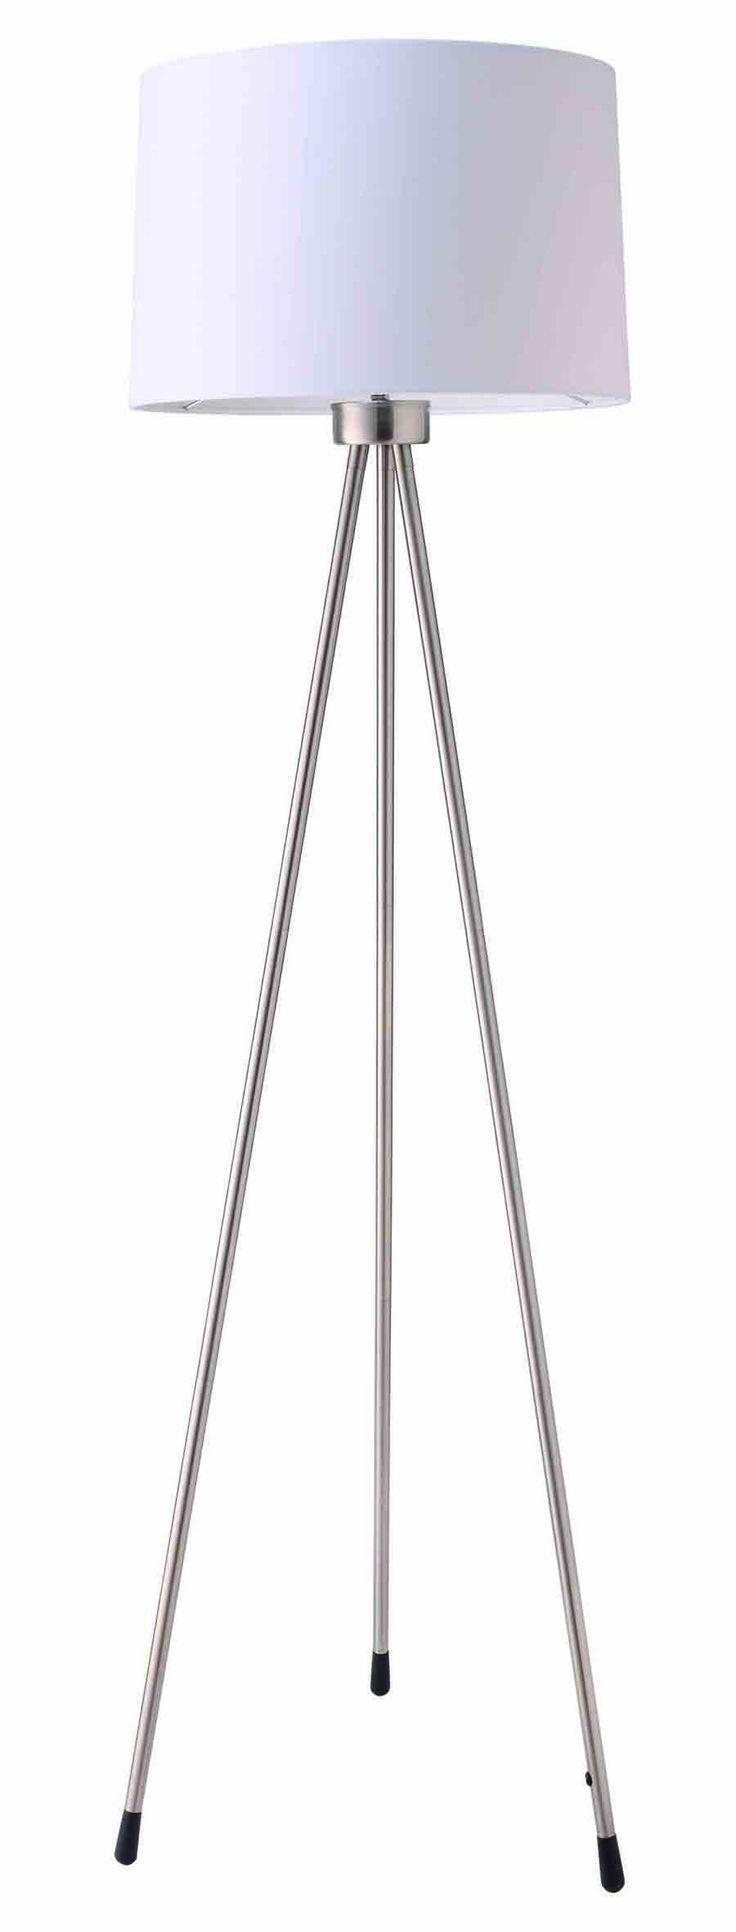 Ore International 31181IV Three Legged Floor Lamp, White - Floor Lamps Modern - AmazonSmile